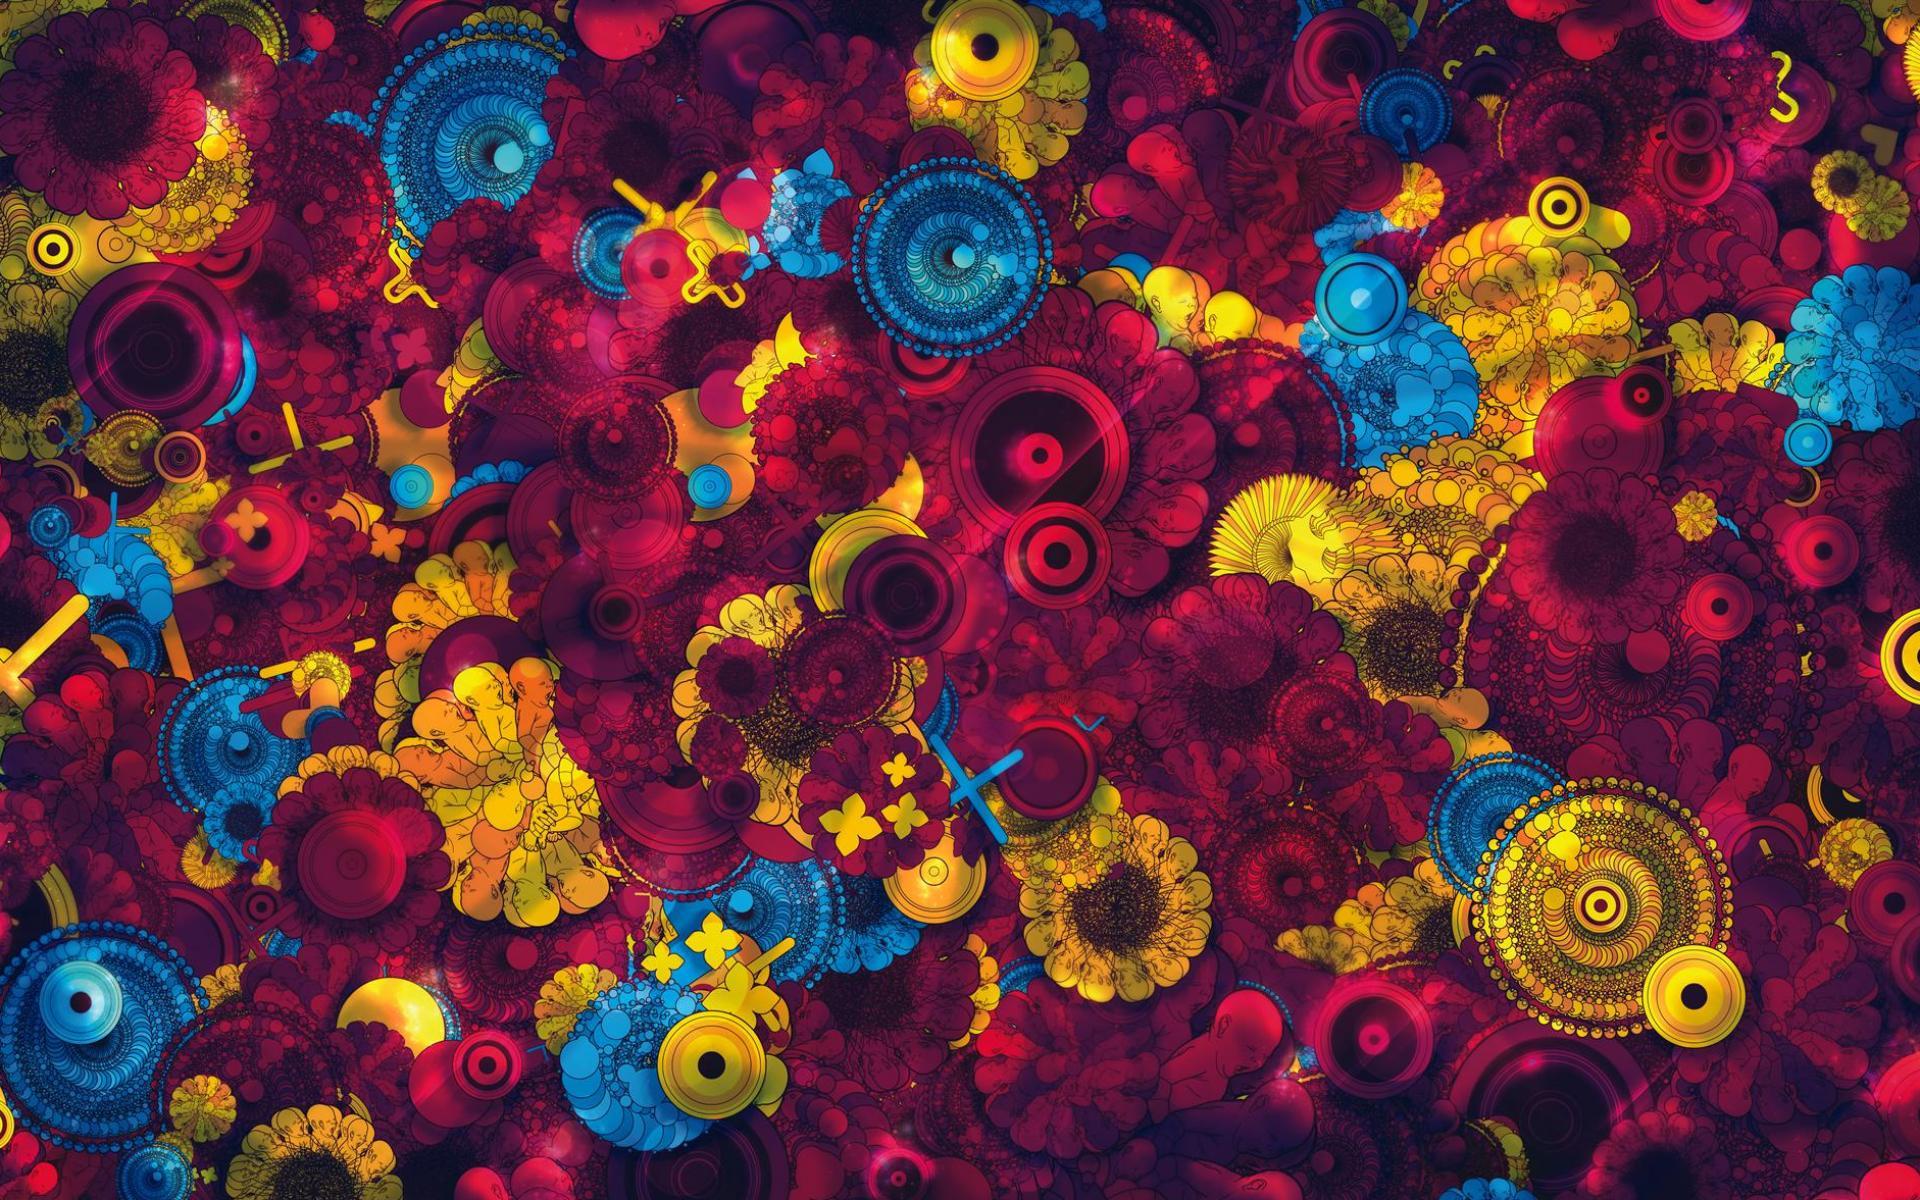 Обои красивые и яркие на рабочий стол   подборка (8)